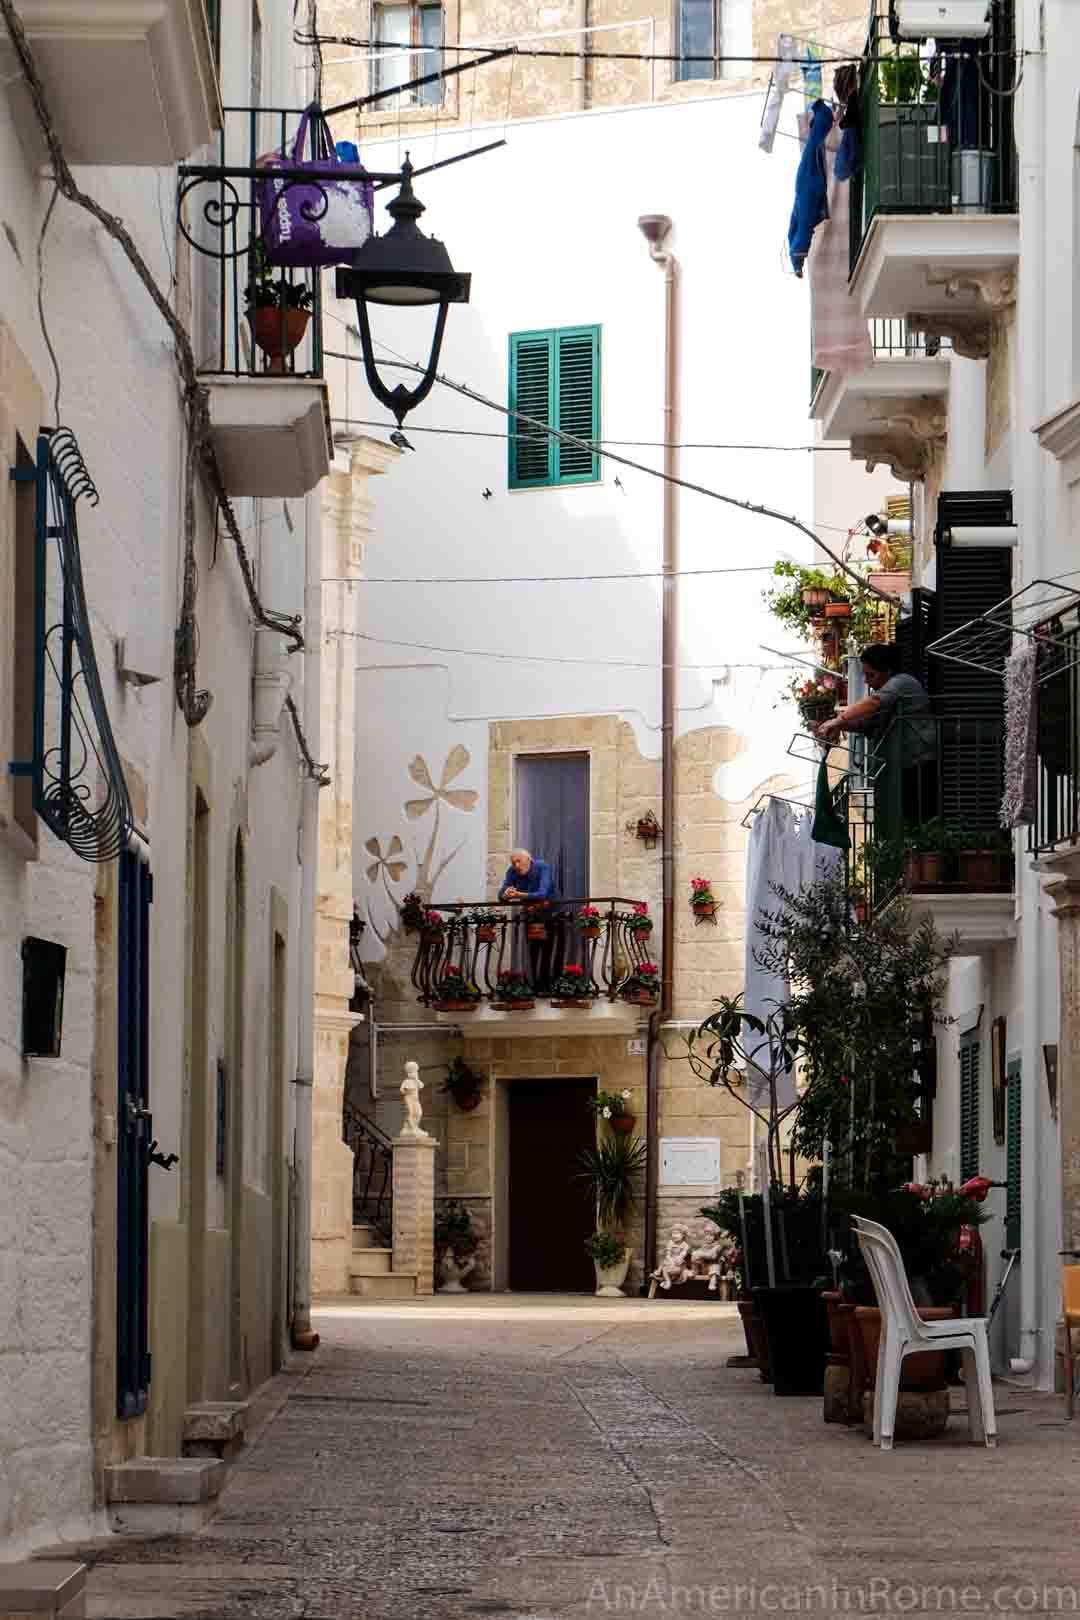 A man on his balcony in the white town of Polginano al Mare in Puglia